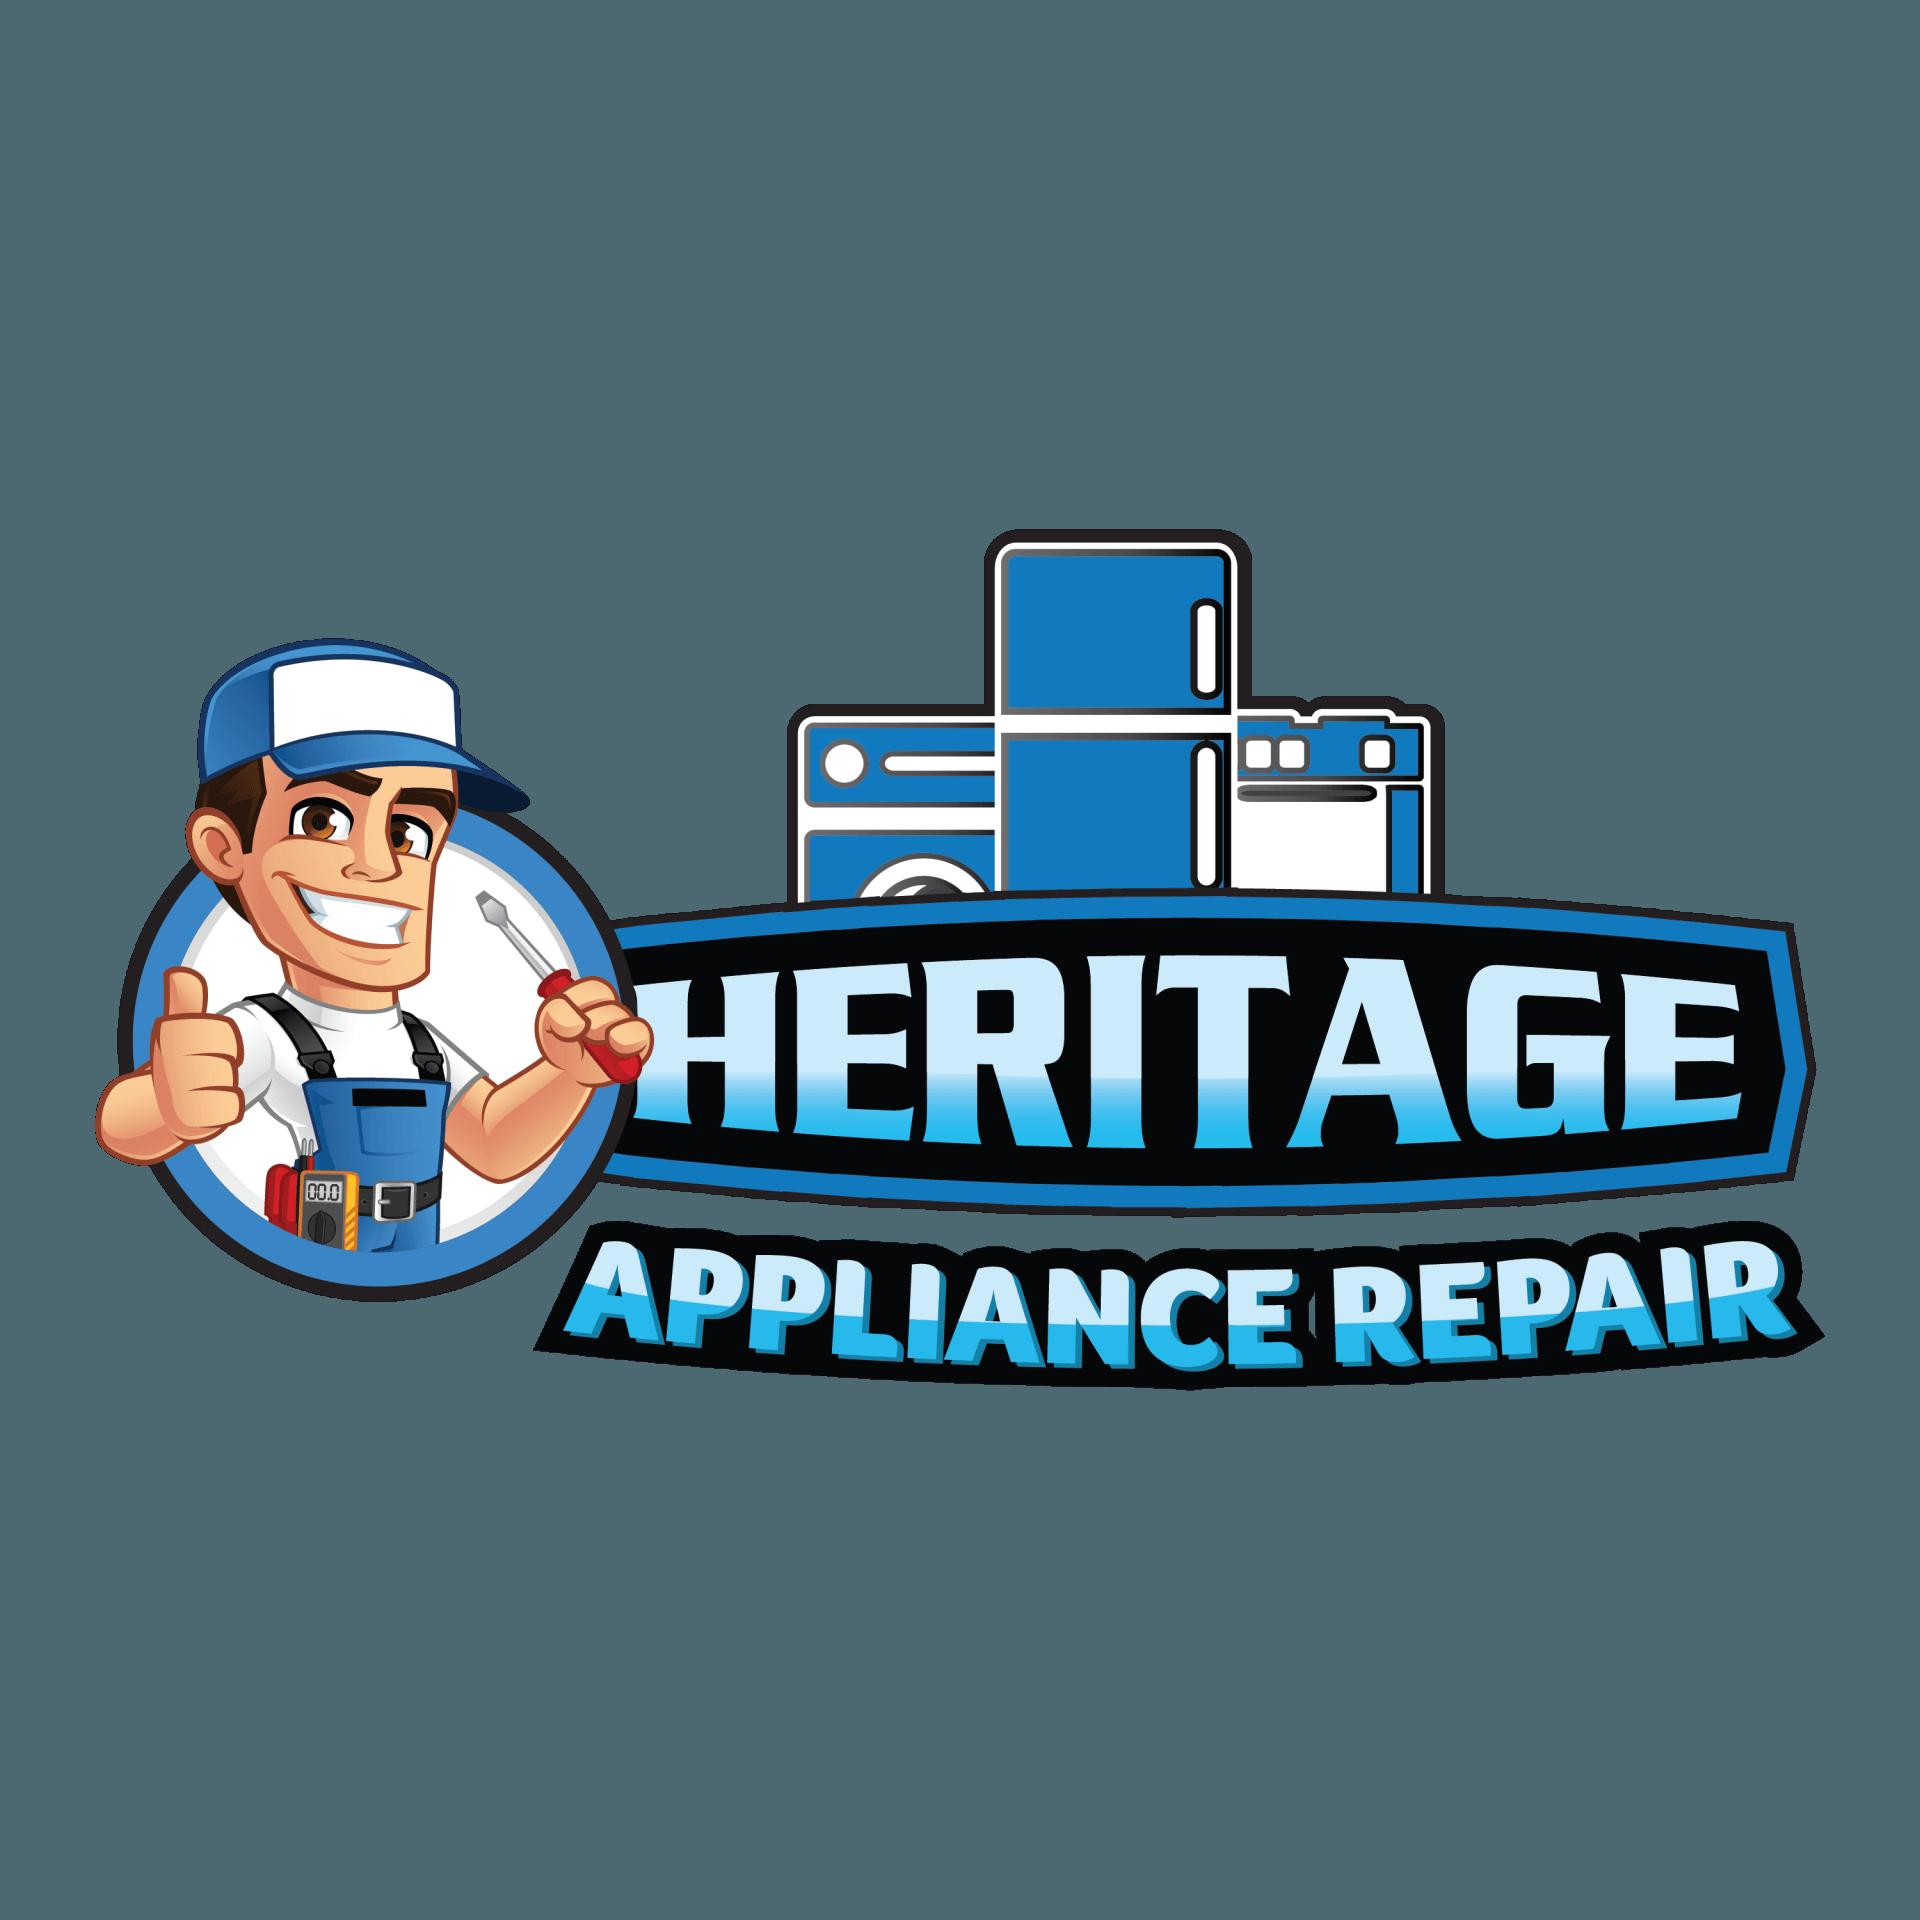 Appliance Repair Piqua Oh Heritage Repair